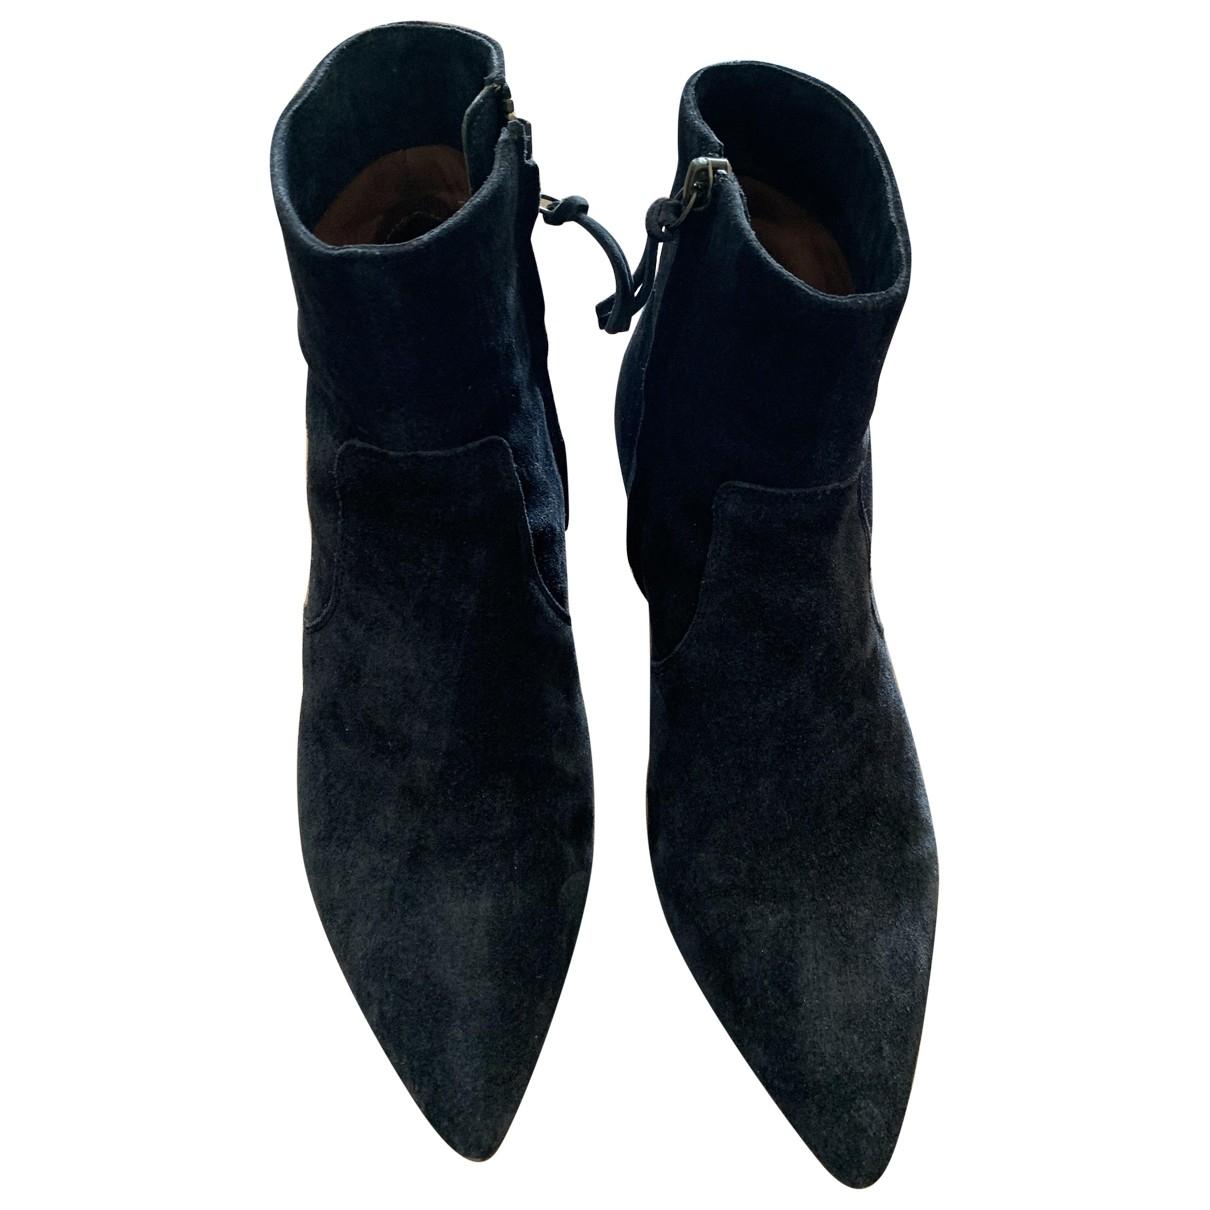 Isabel Marant Derst Black Suede Ankle boots for Women 37 EU